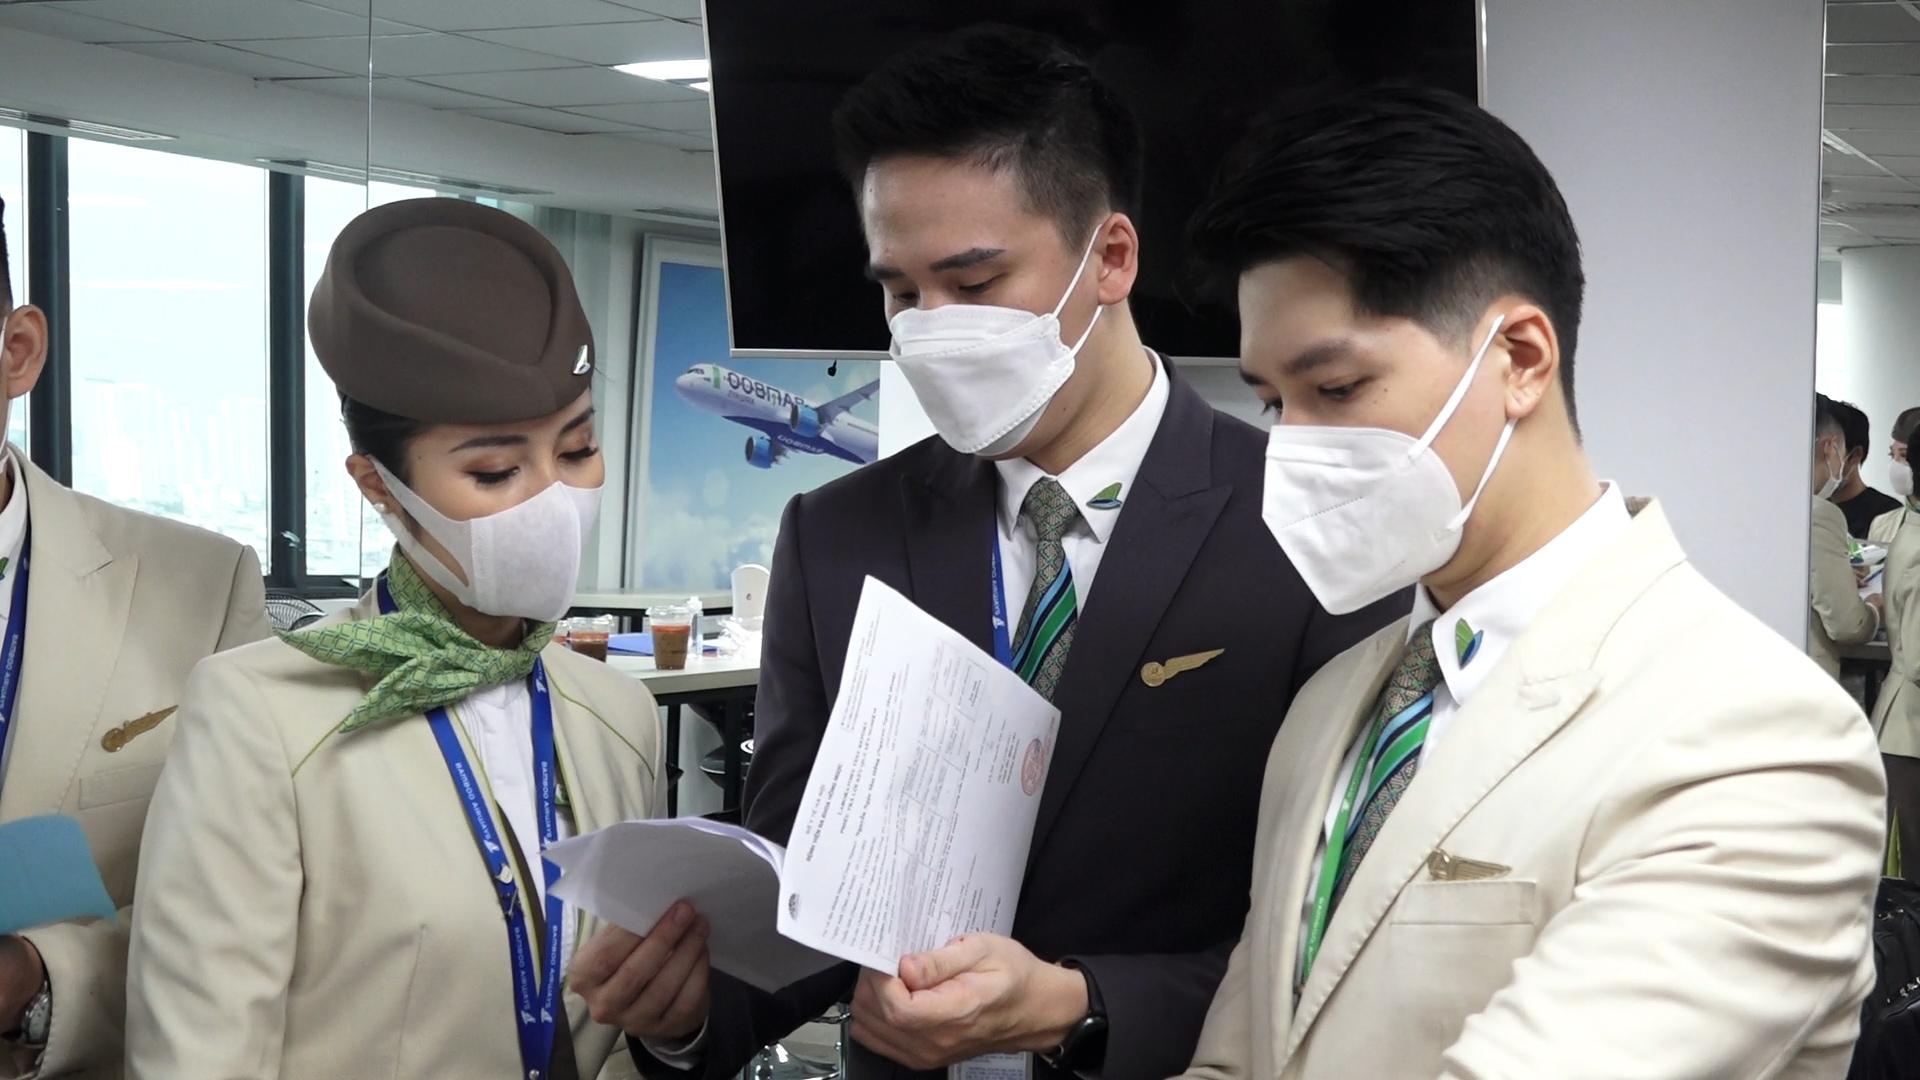 Trước chuyến bay thẳng đầu tiên kết nối Việt - Mỹ